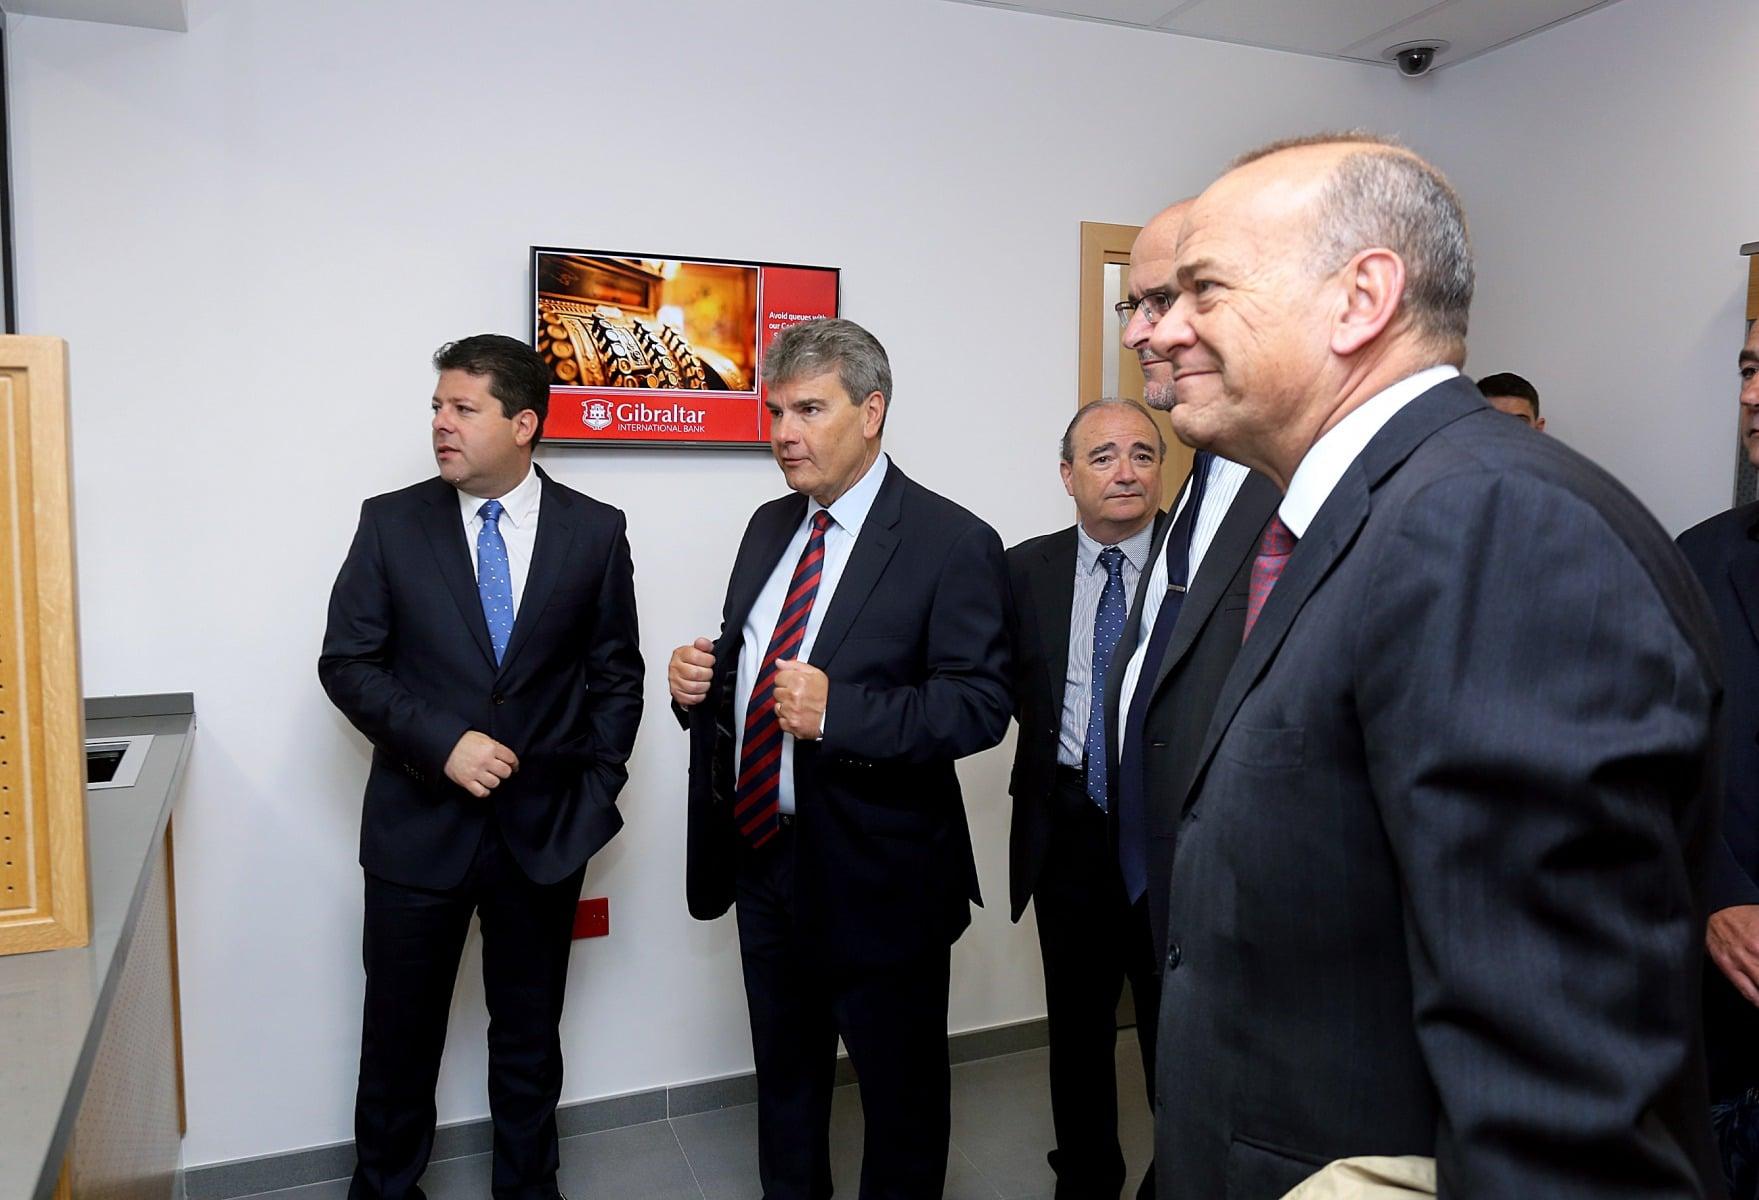 4-abr-2016-inauguracin-nueva-sede-banco-internacional-de-gibraltar-10_26234663915_o